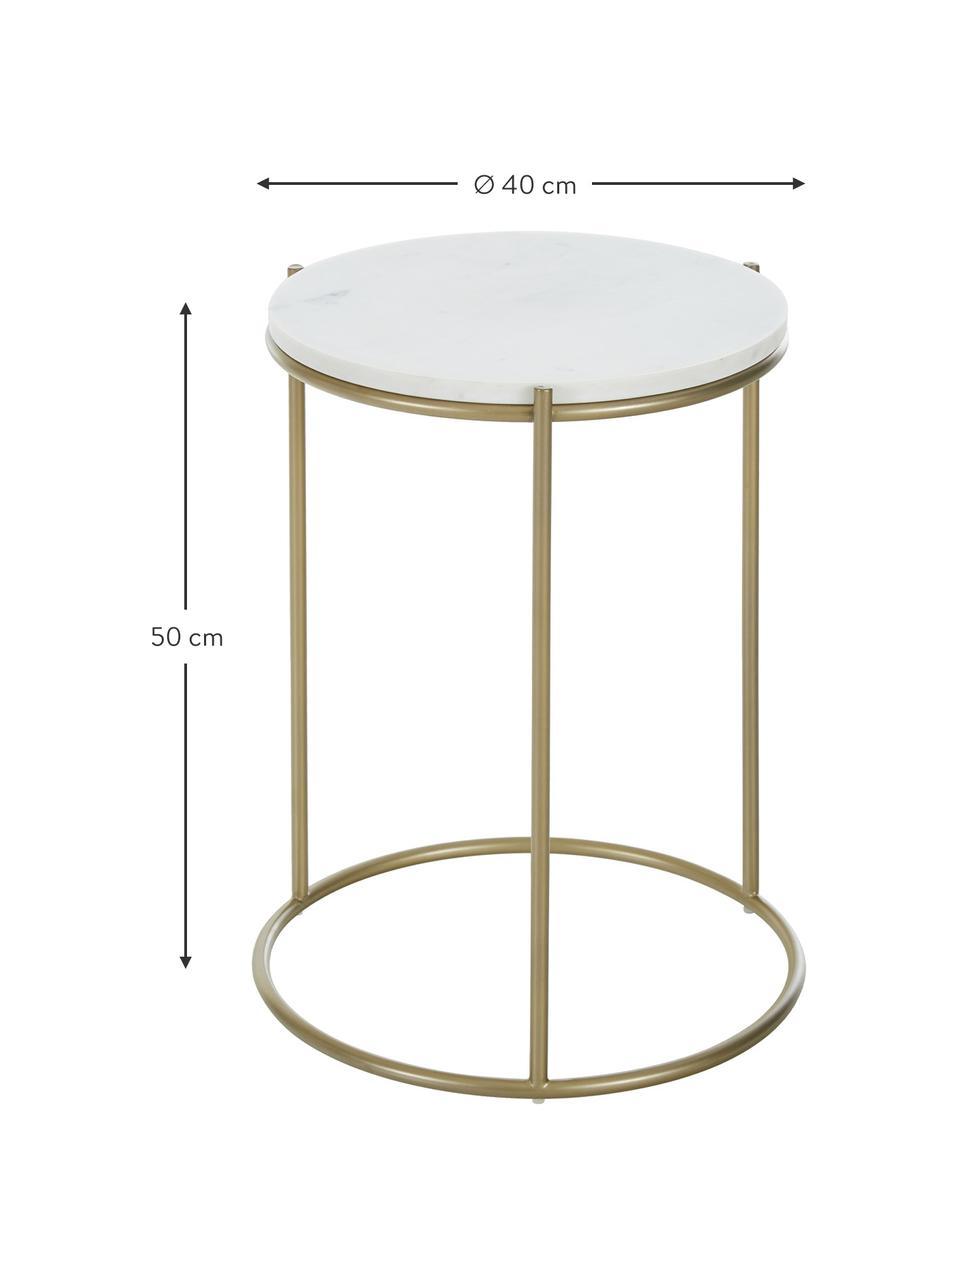 Runder Marmor-Beistelltisch Ella, Tischplatte: Marmor, Gestell: Metall, pulverbeschichtet, Weißer Marmor, Goldfarben, Ø 40 x H 50 cm